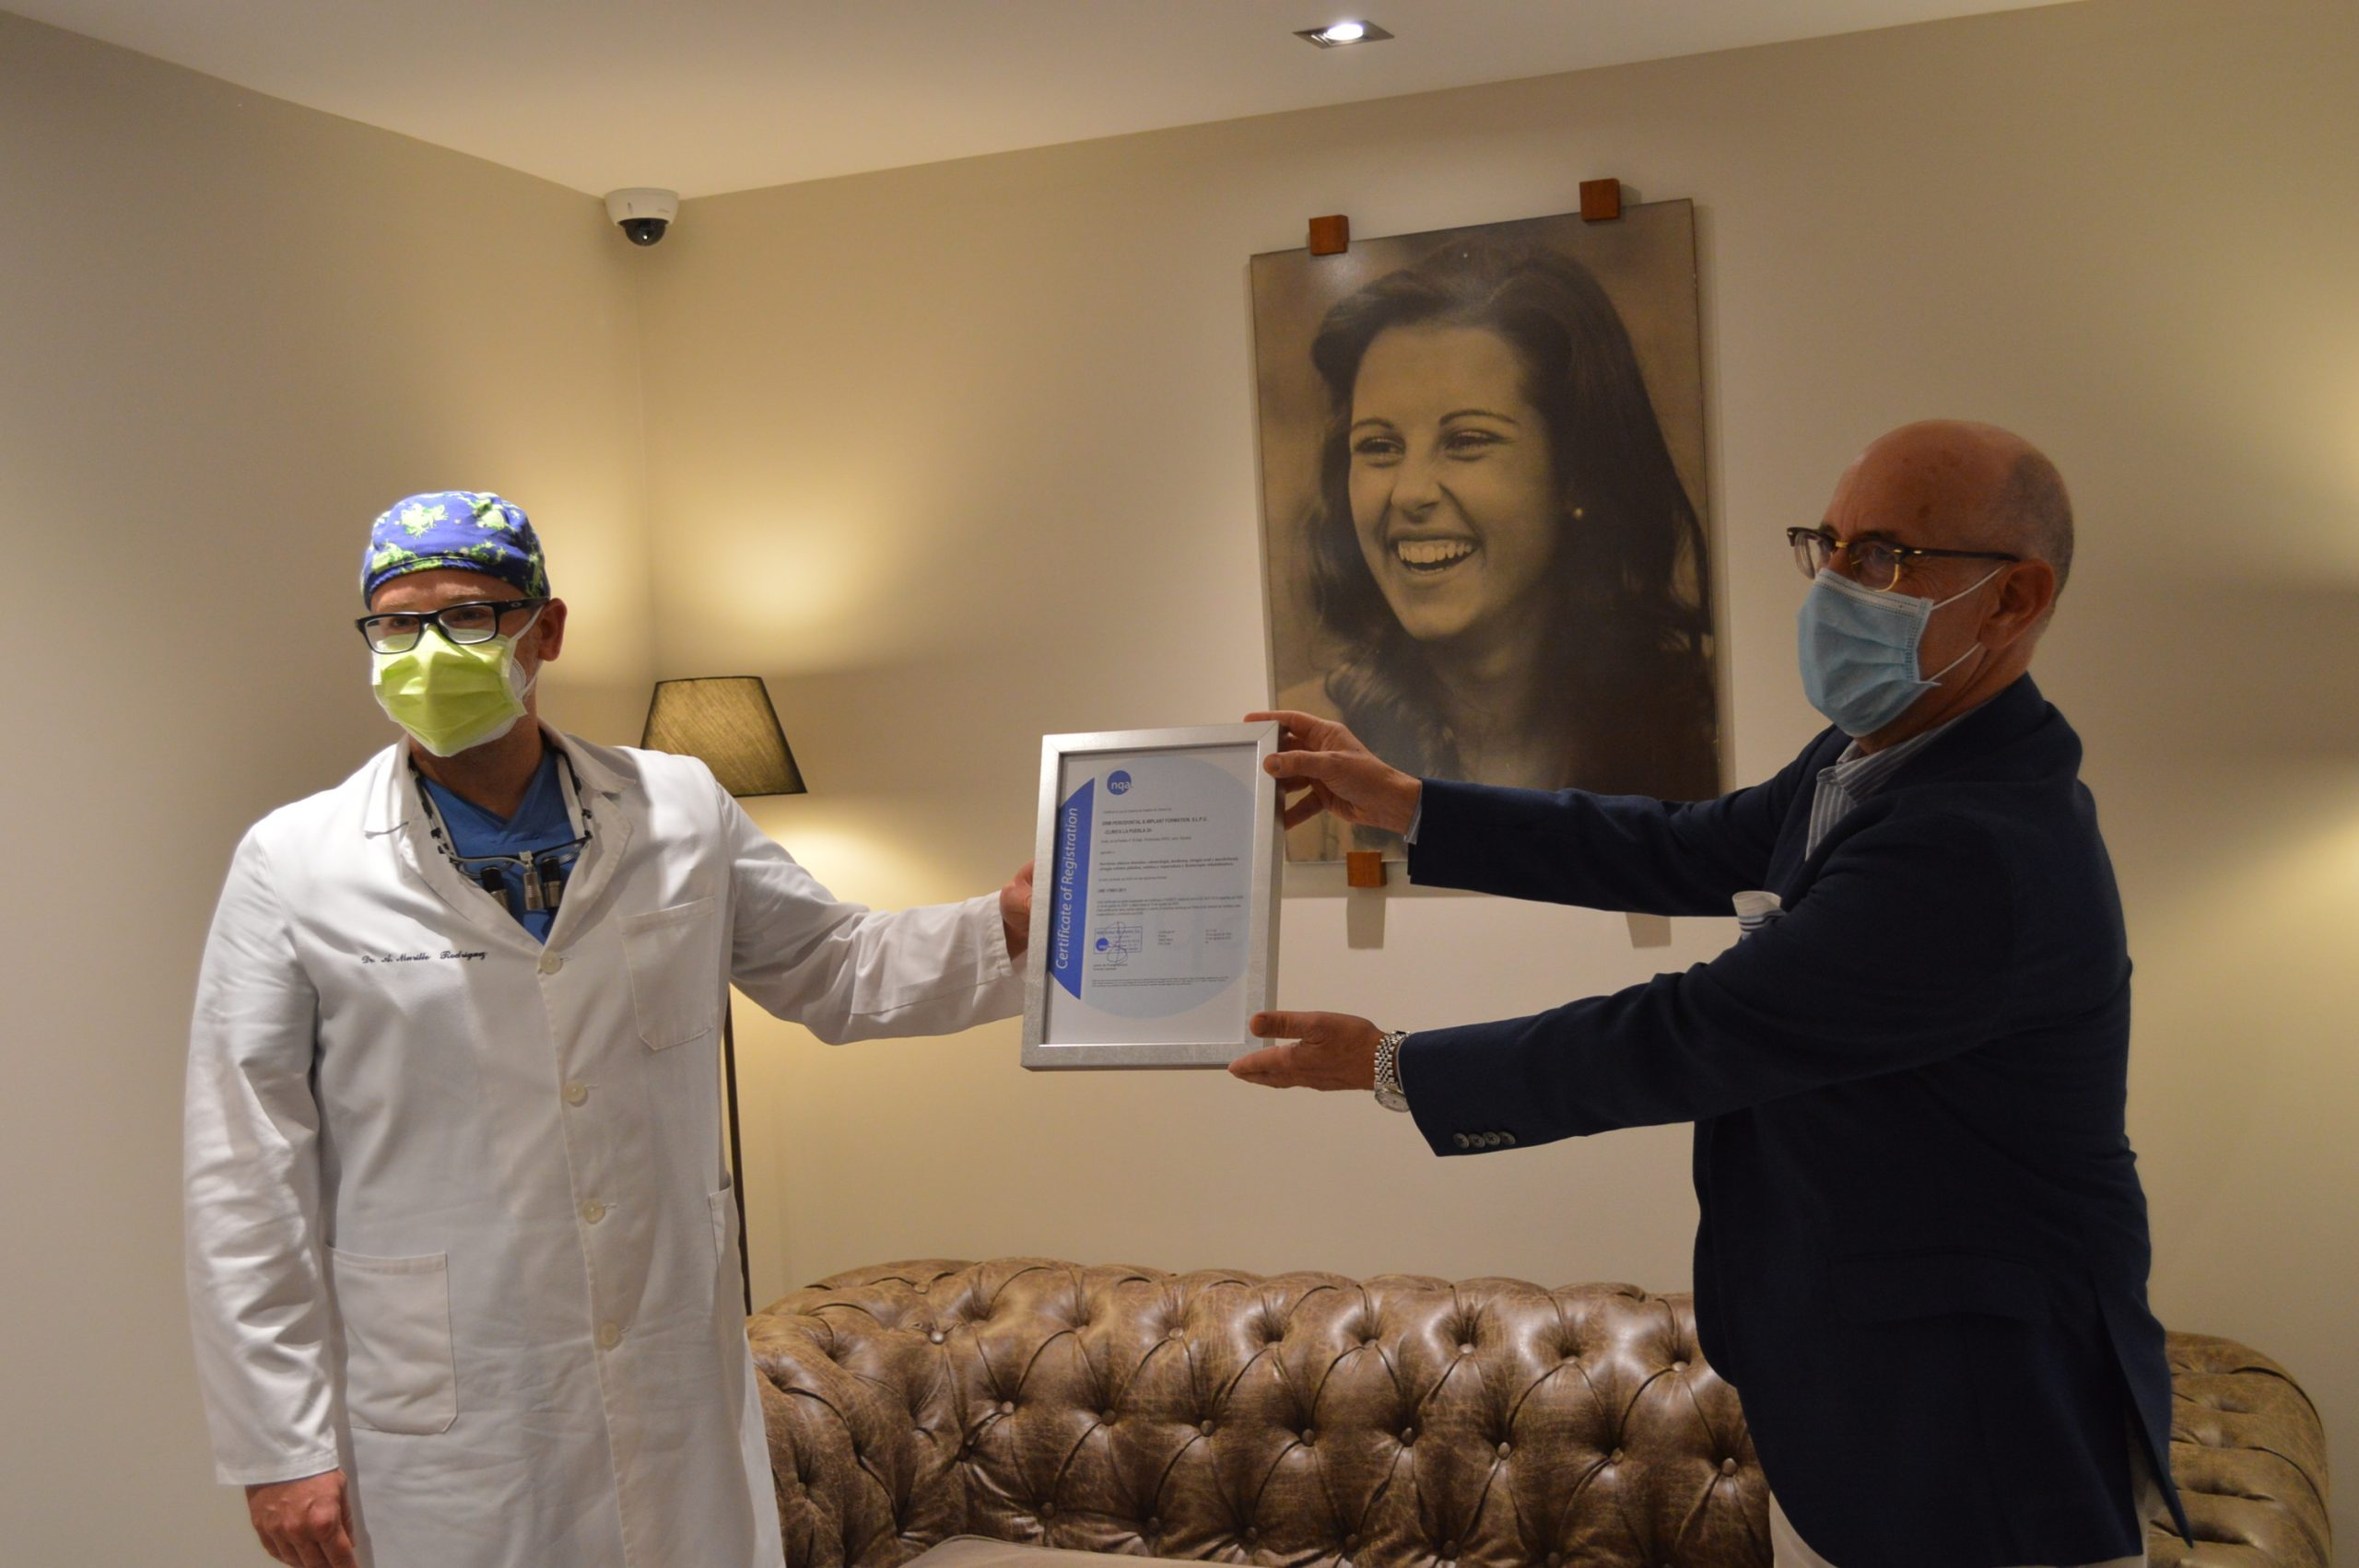 Clínica La Puebla 39 recibe en sus instalaciones las certificaciones de calidad ISO:9001 y UNE:179001 1